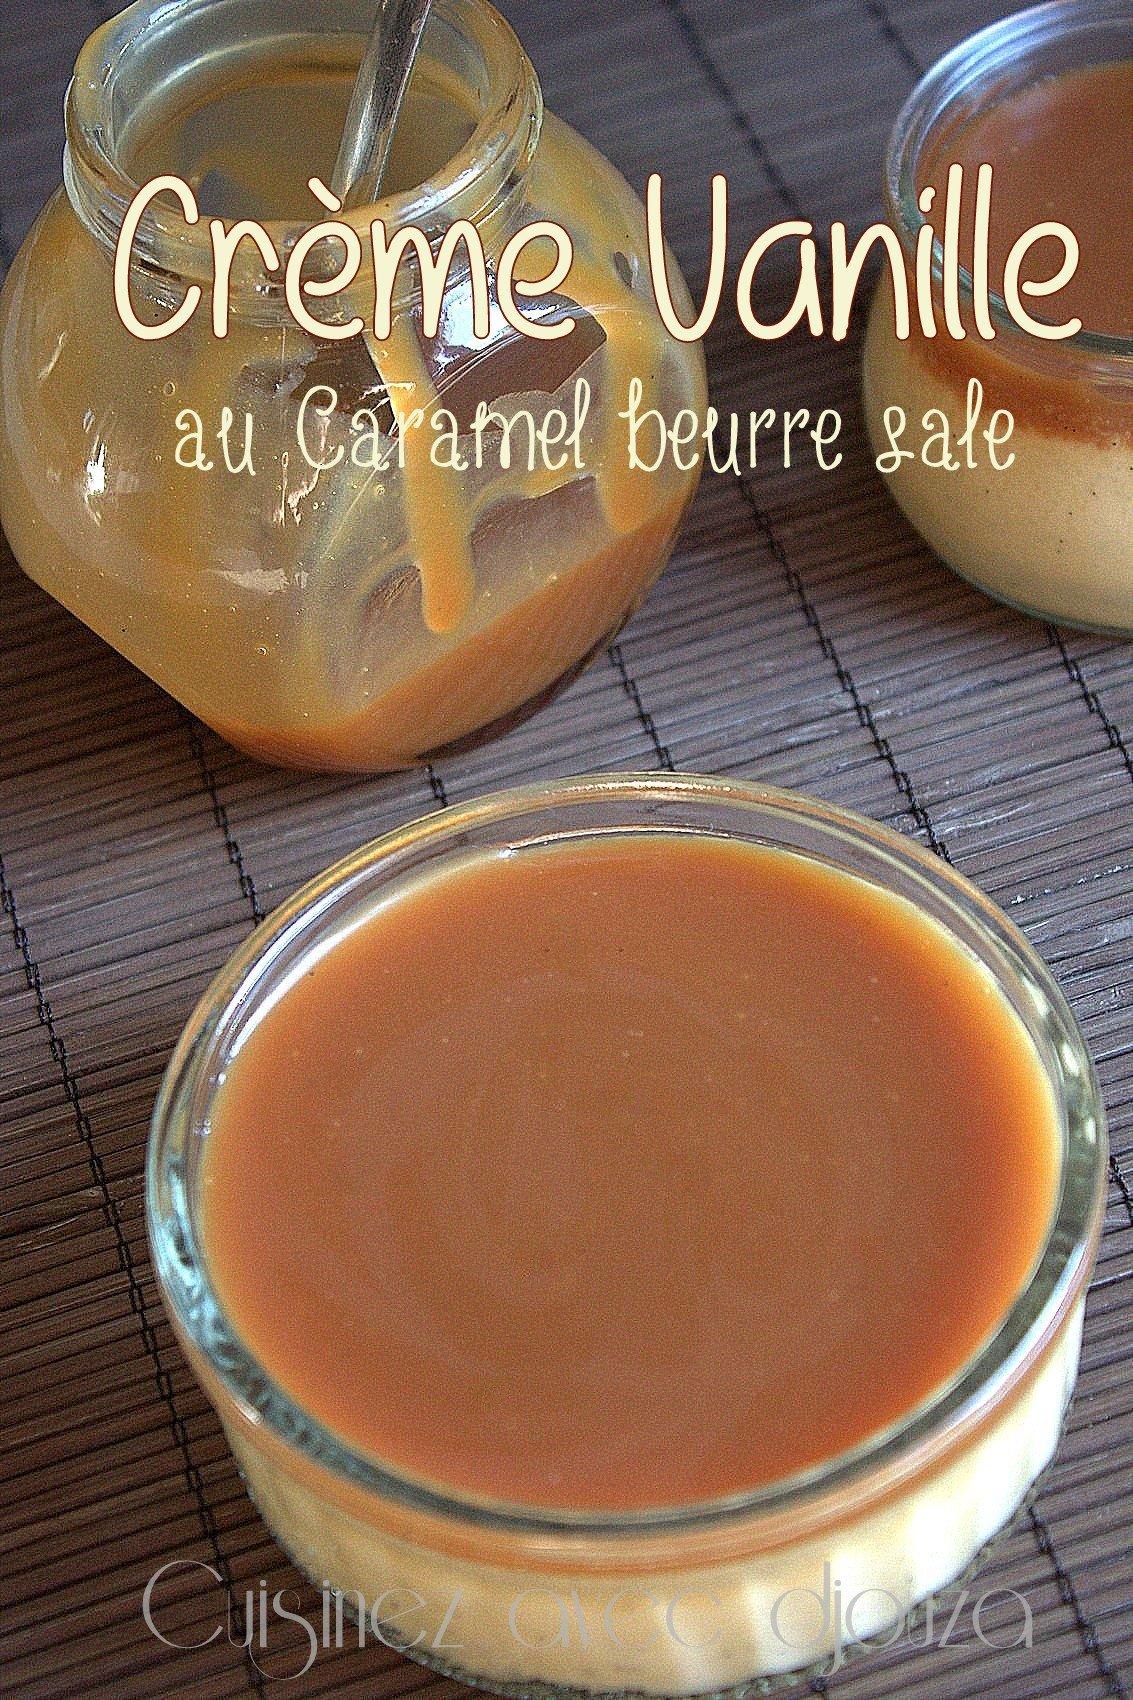 Crème au oeufs et au caramel beurre salé